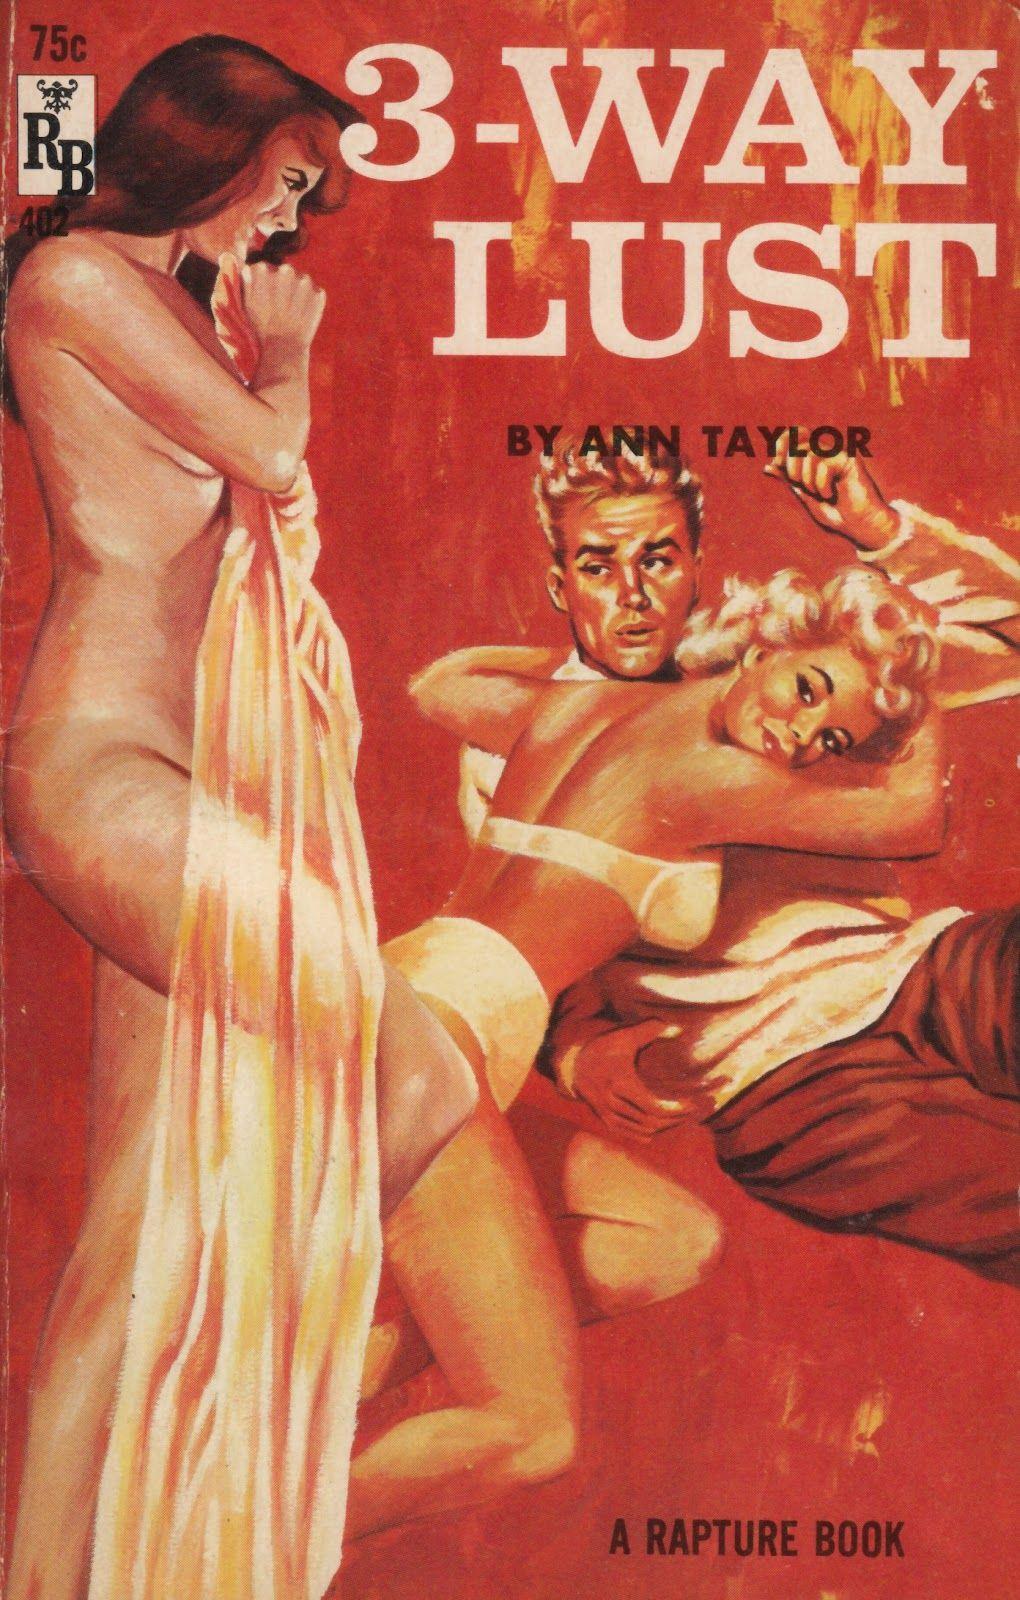 Vintagr erotic books